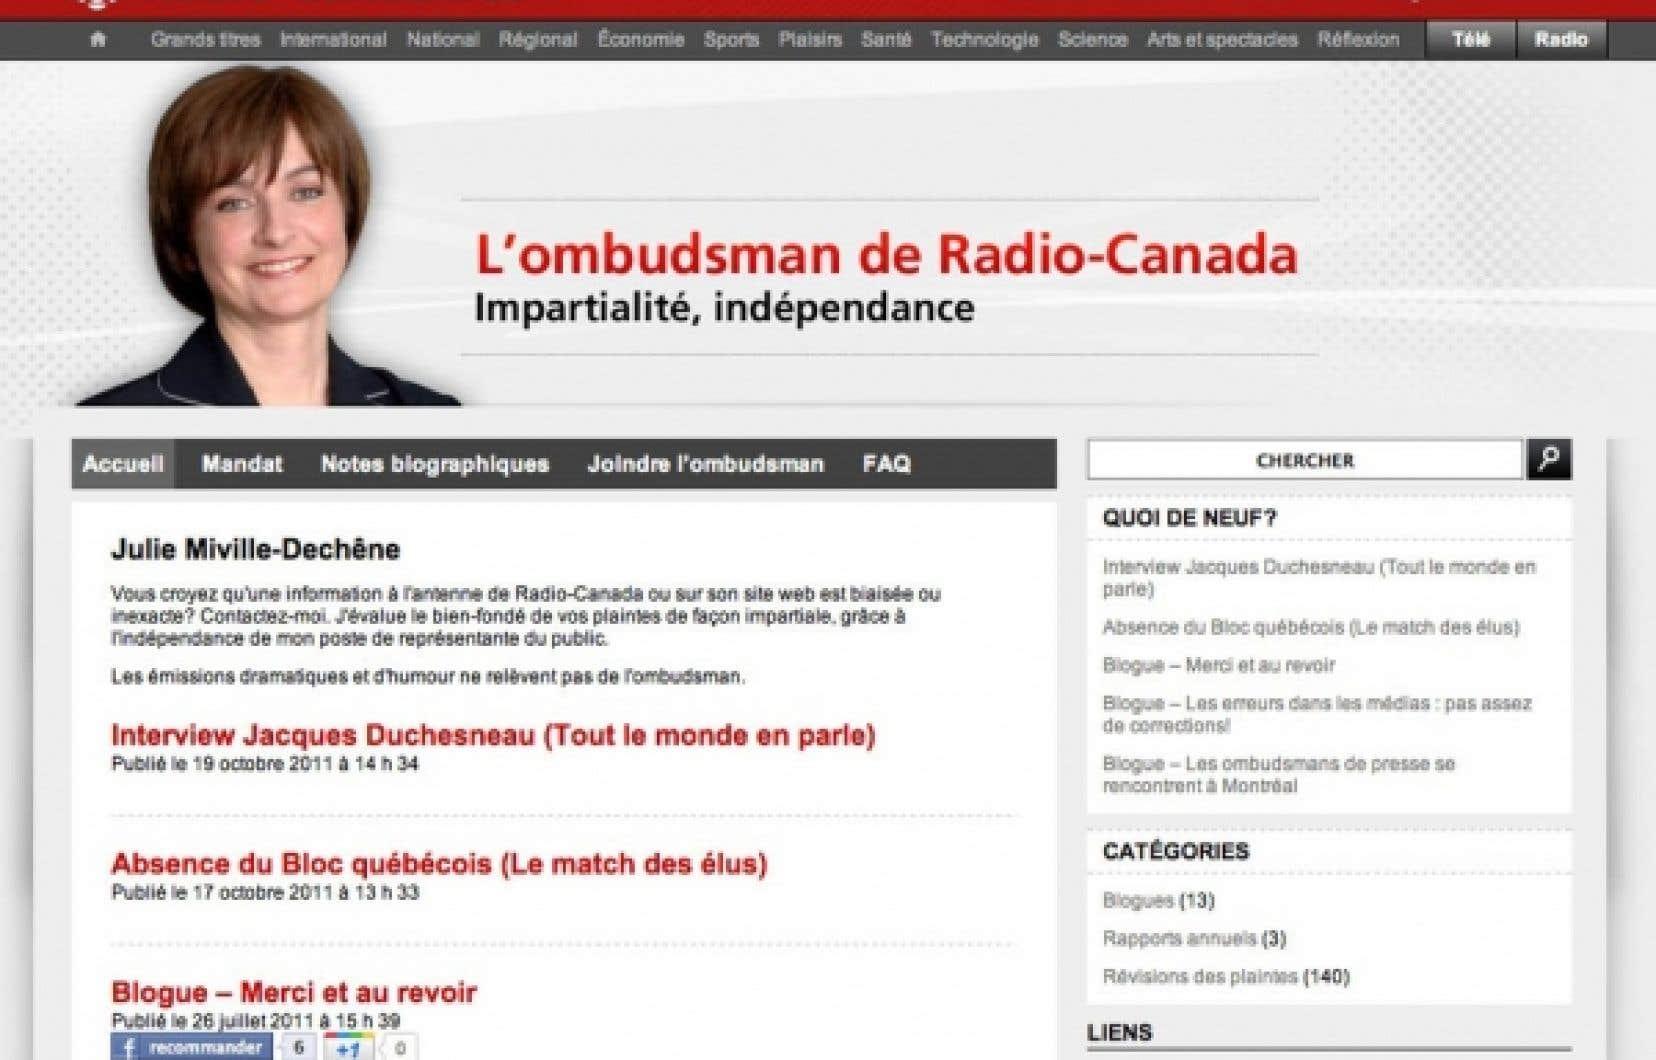 La derni&egrave;re ombudsman du service fran&ccedil;ais, l&rsquo;ex-journaliste Julie Miville-Dech&ecirc;ne, a quitt&eacute; le poste cet &eacute;t&eacute;, apr&egrave;s un quinquennat. Elle dirige maintenant le Conseil du statut de la femme.<br />